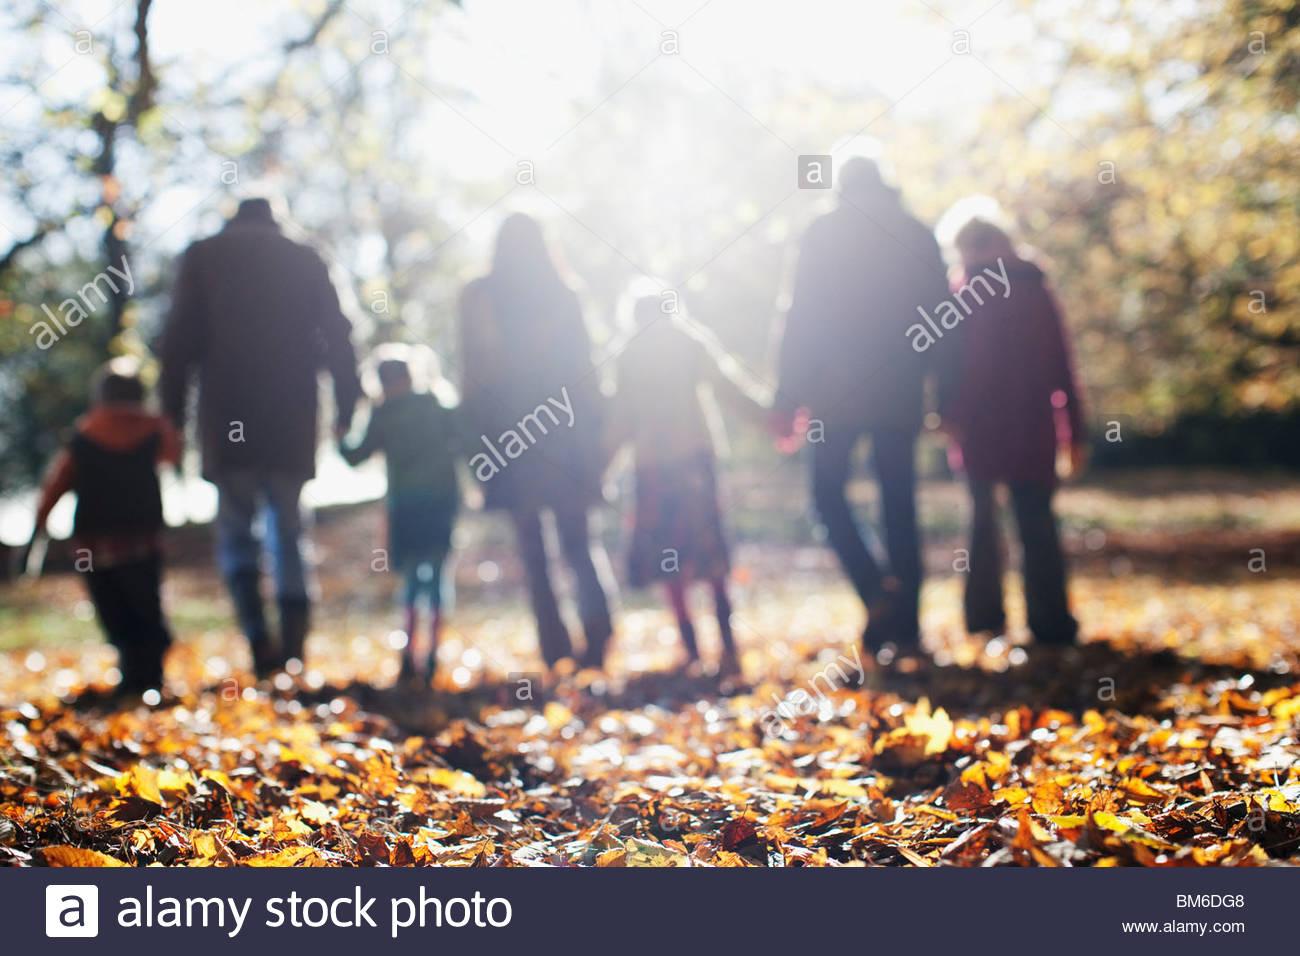 Famiglia estesa passeggiate nel parco in autunno Immagini Stock